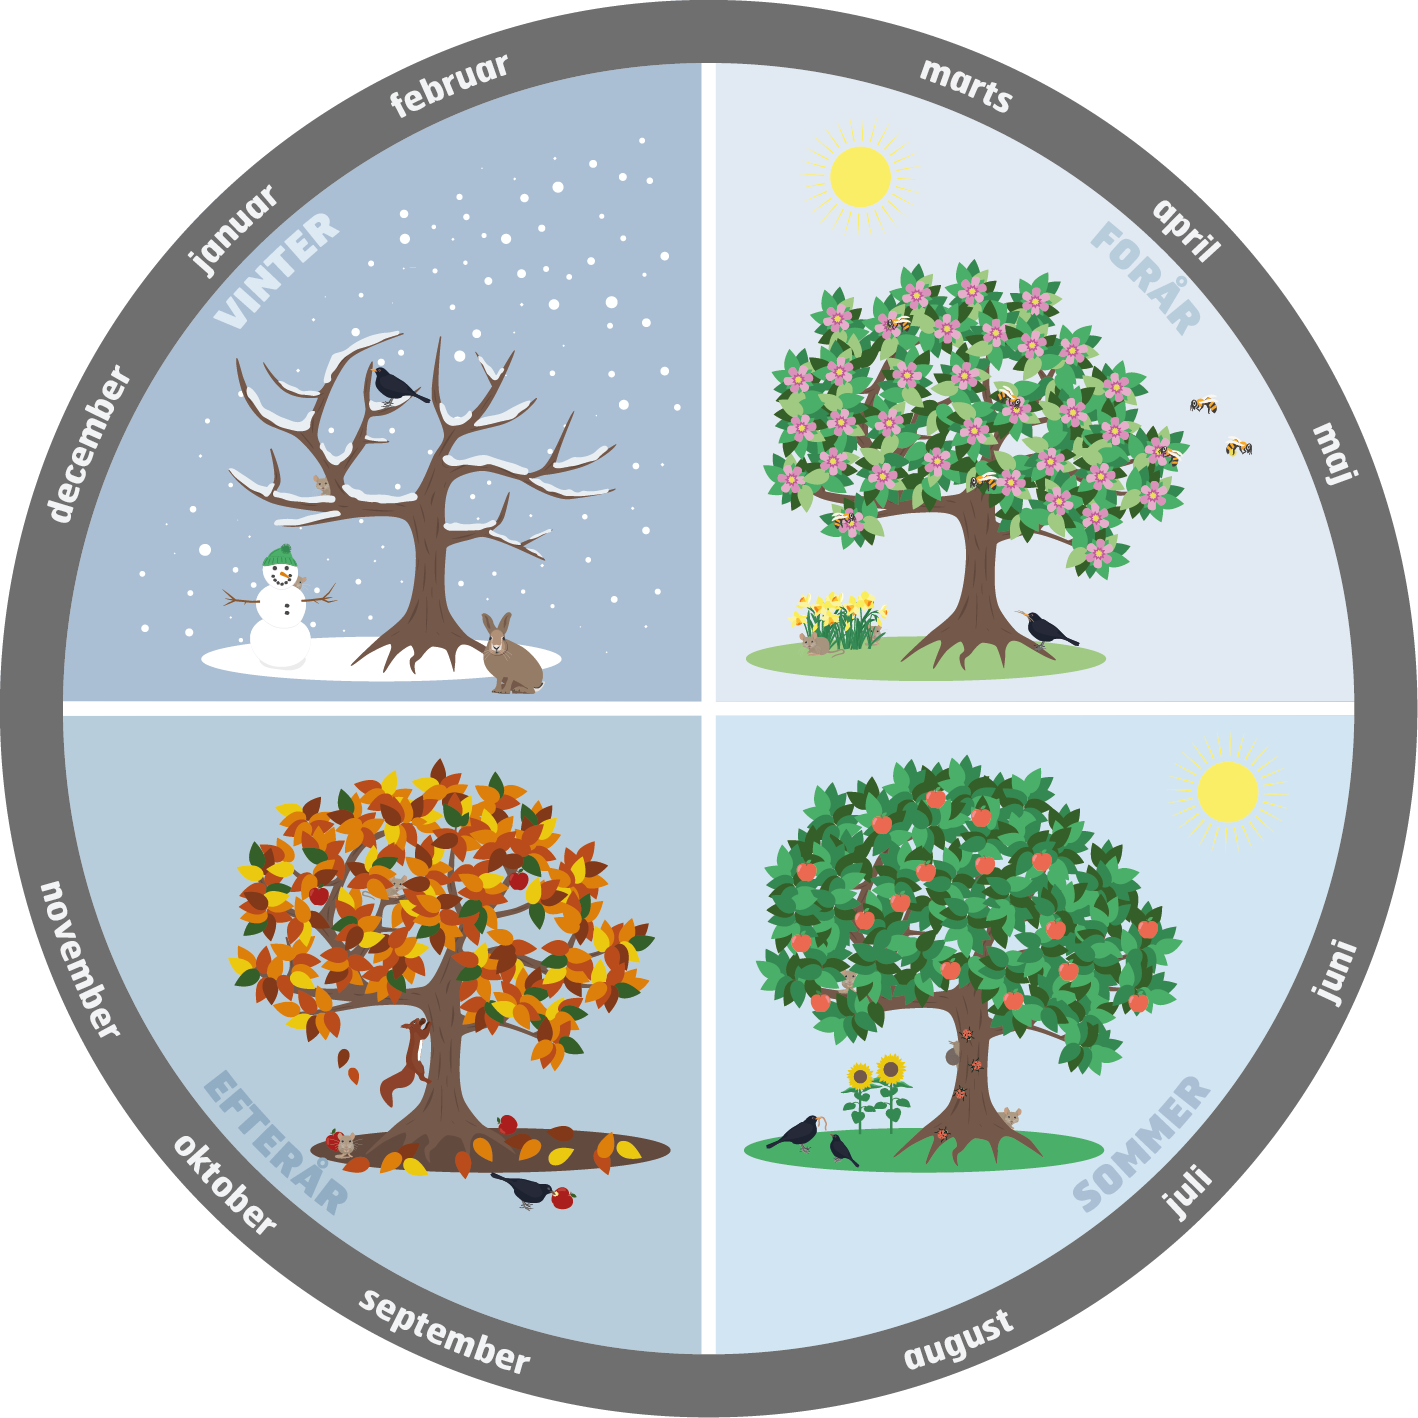 Aarstiderne-sommer-vinter-foraar-efteraar-sne-sol-blade-mutedesign